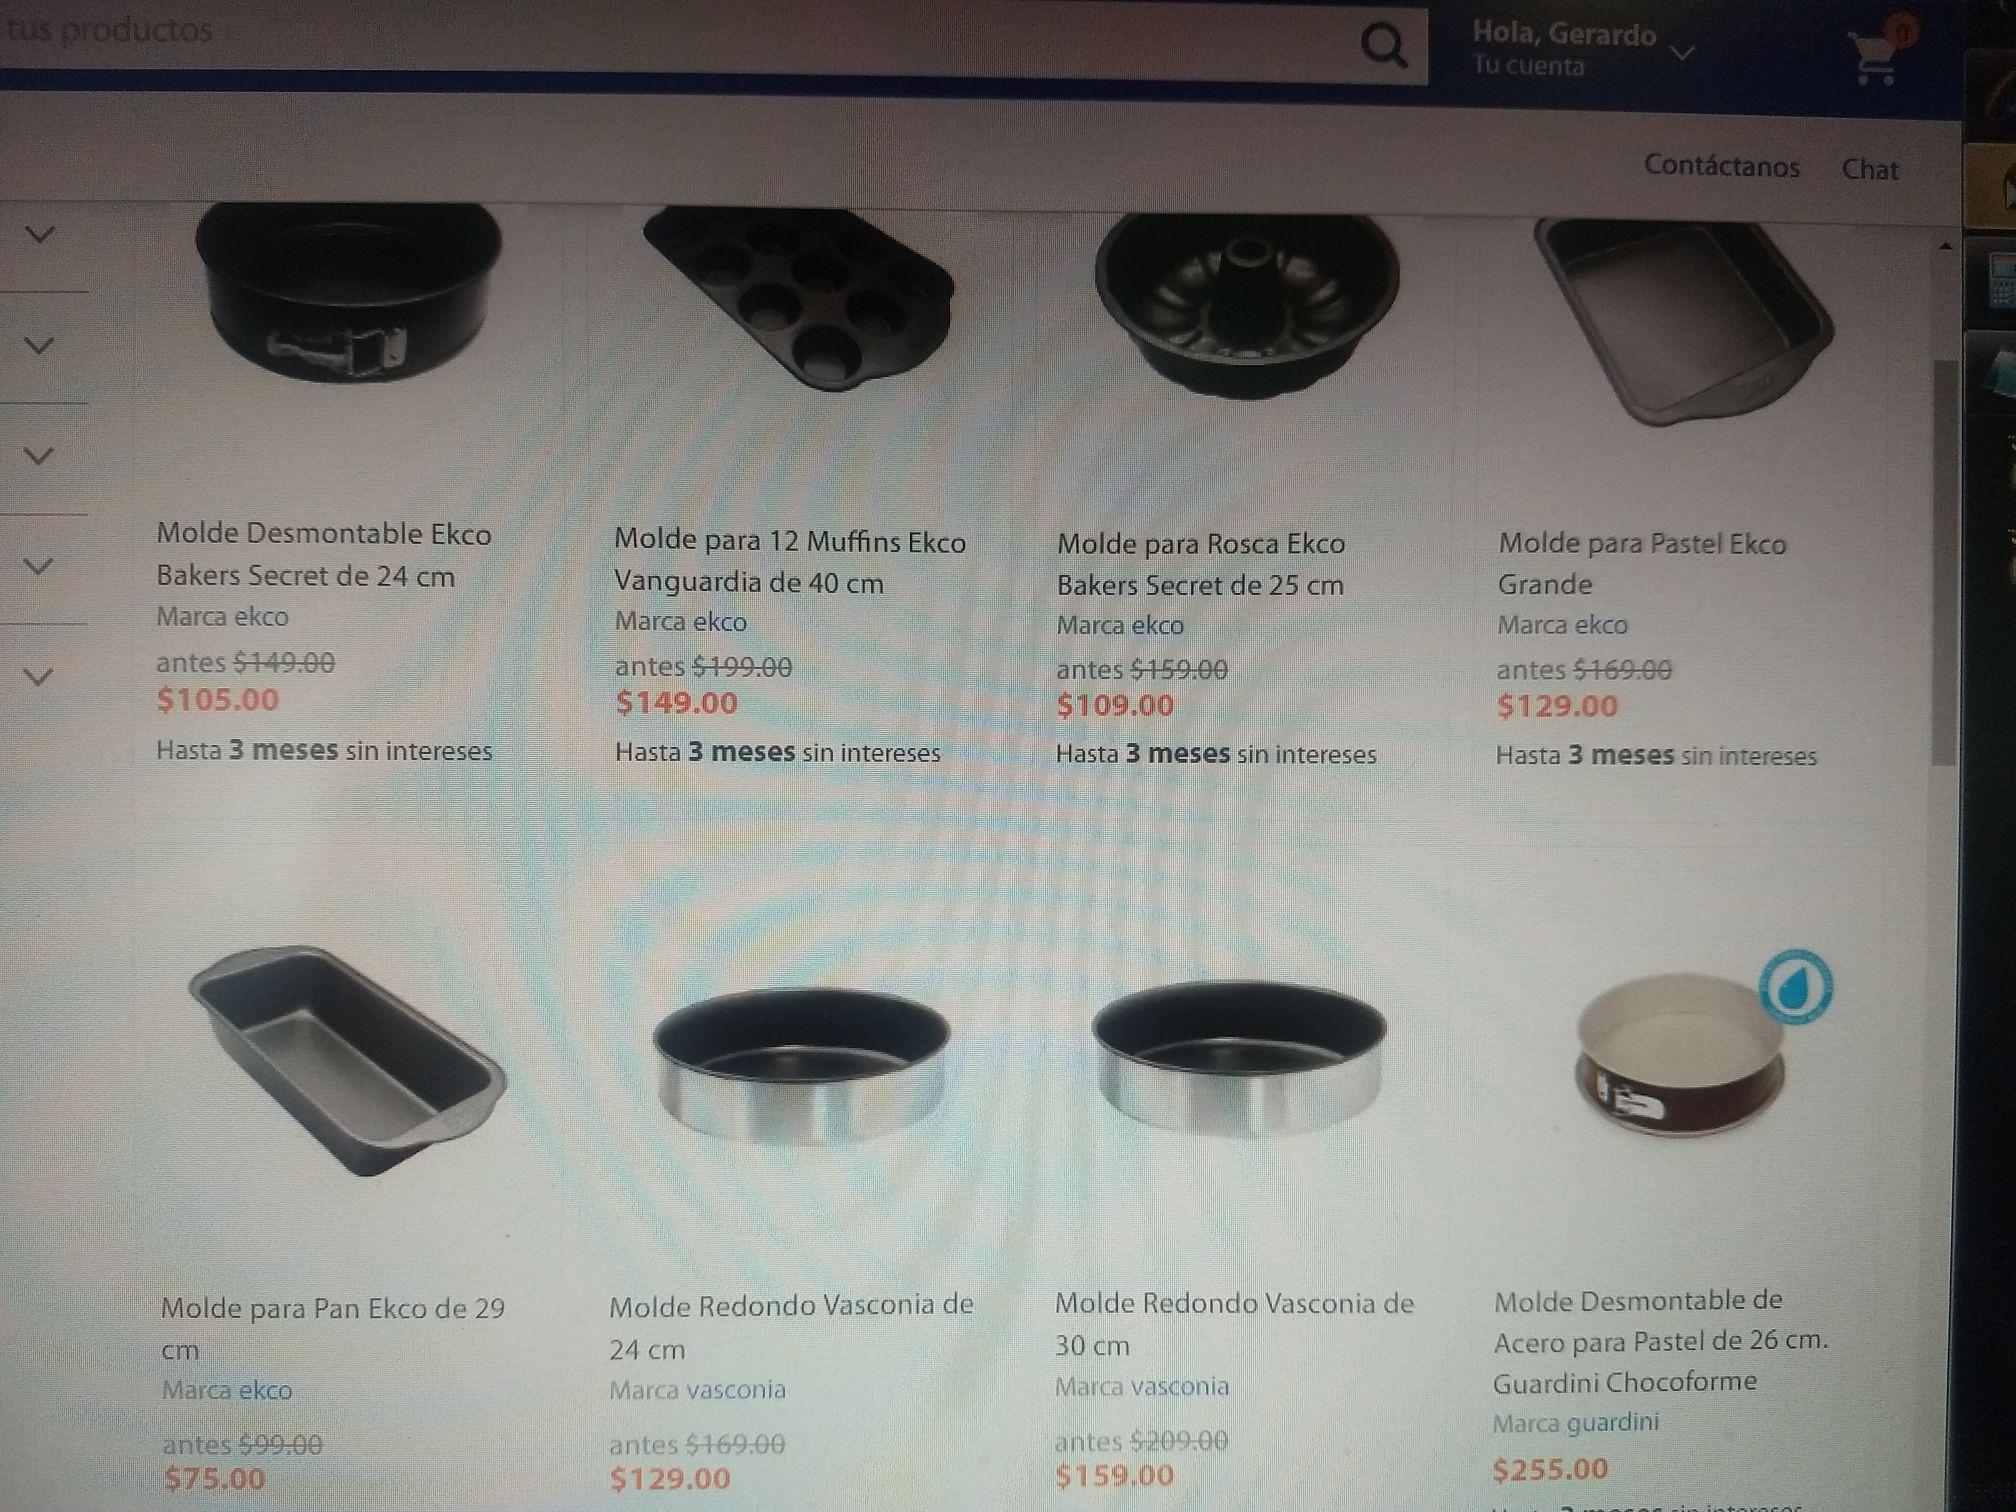 Walmart: Molde Desmontable Ekco Bakers Secret